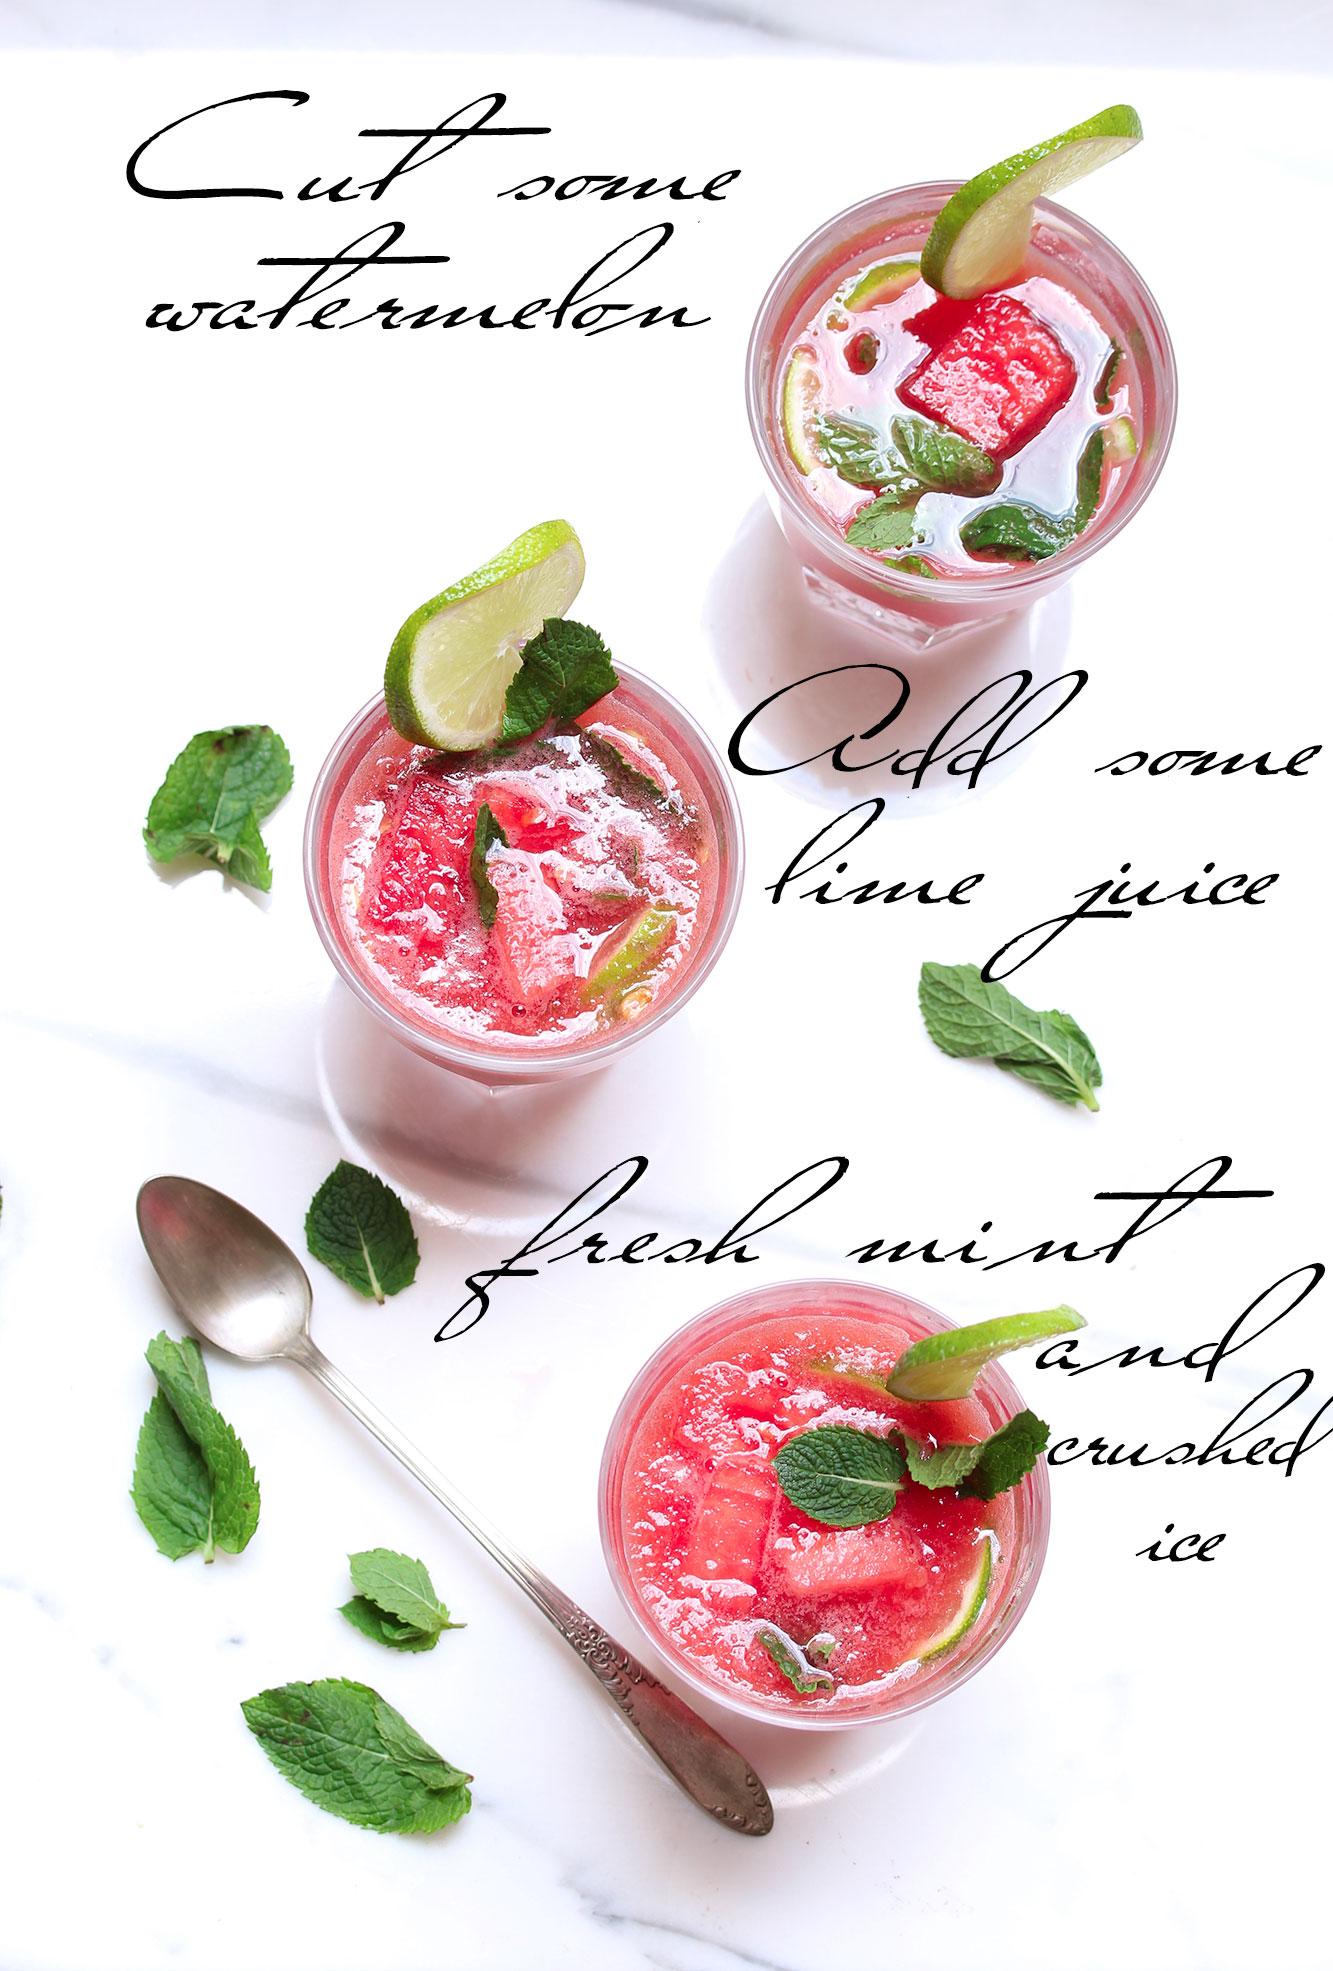 watermelon, cocktail , drink , cooler, healthy, boisson, santé, pasteque, citron vert, granité, rafraichissant, boisson, antyoxydant, melon d'eau, mint, menthe, lime, crushed ice, kosher, recipe, recete, ingredients, yummy, food,